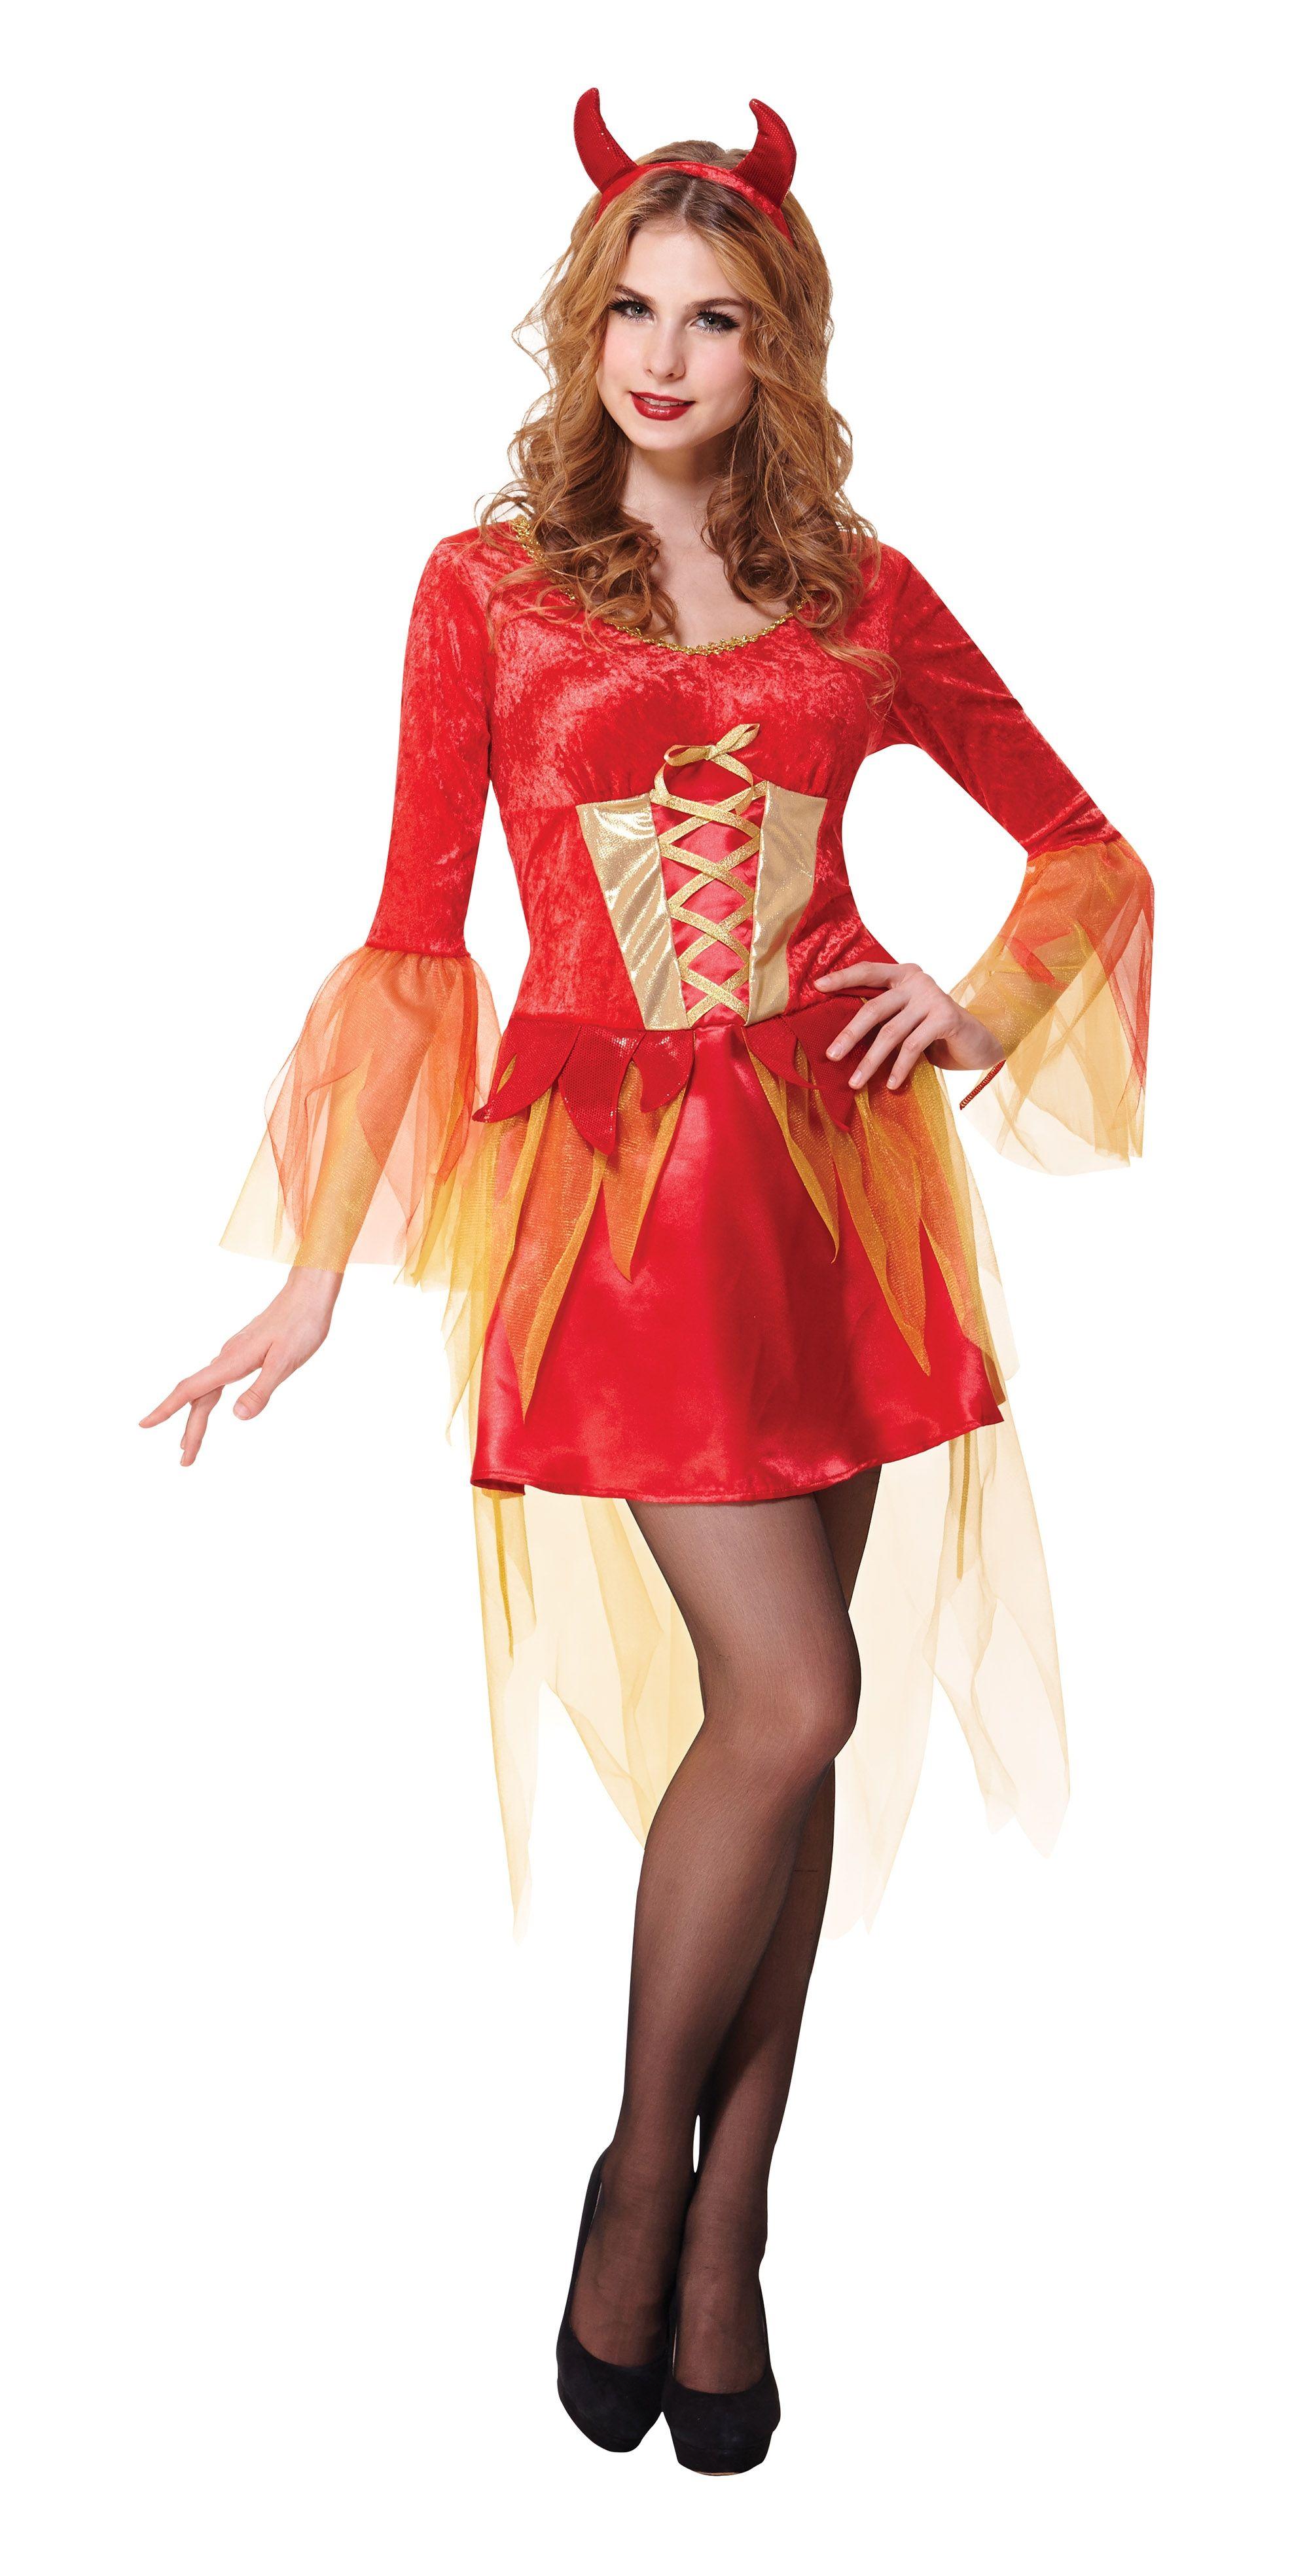 90a677c40b2 Costum Halloween femei diavolita cu coarne Costum Halloween femei diavolita  cu coarne Costume Halloween femei - pentru o aparitie deosebita la un  carnaval, ...